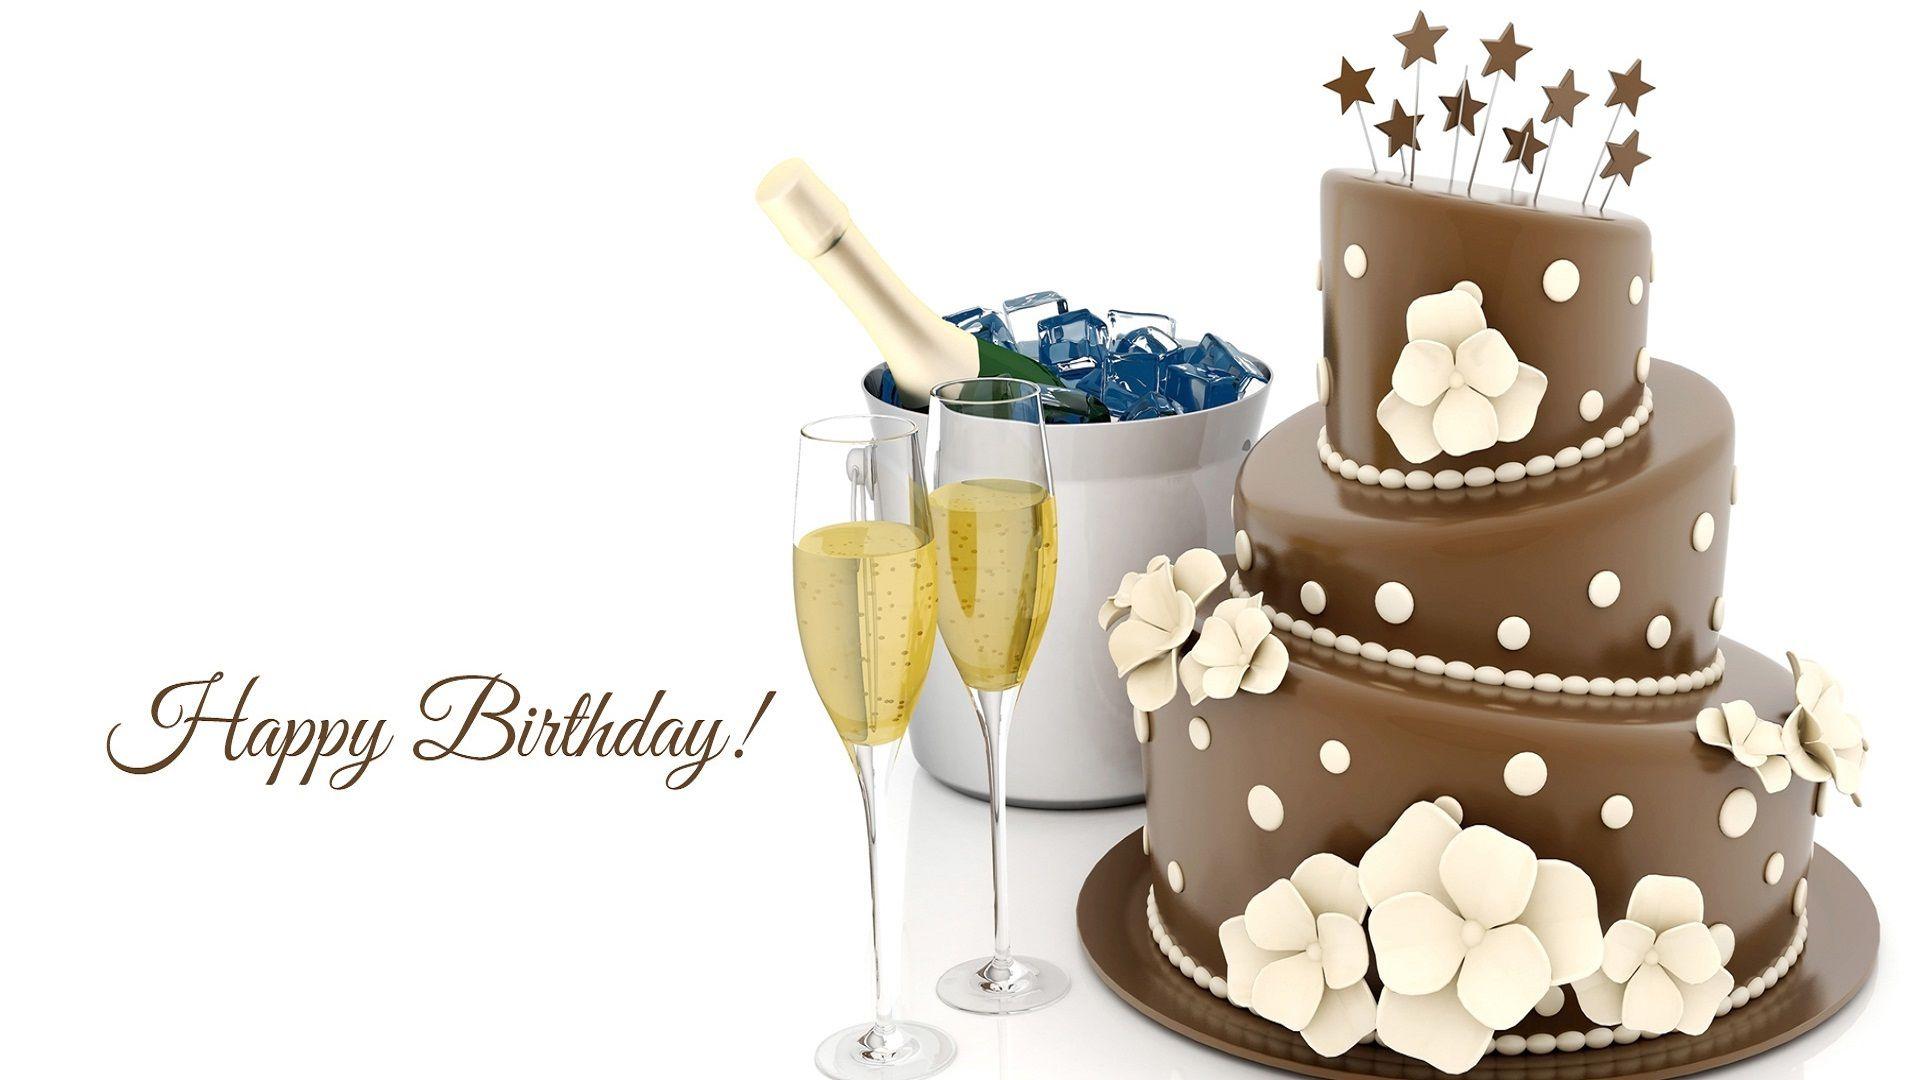 фон для поздравления торт этот